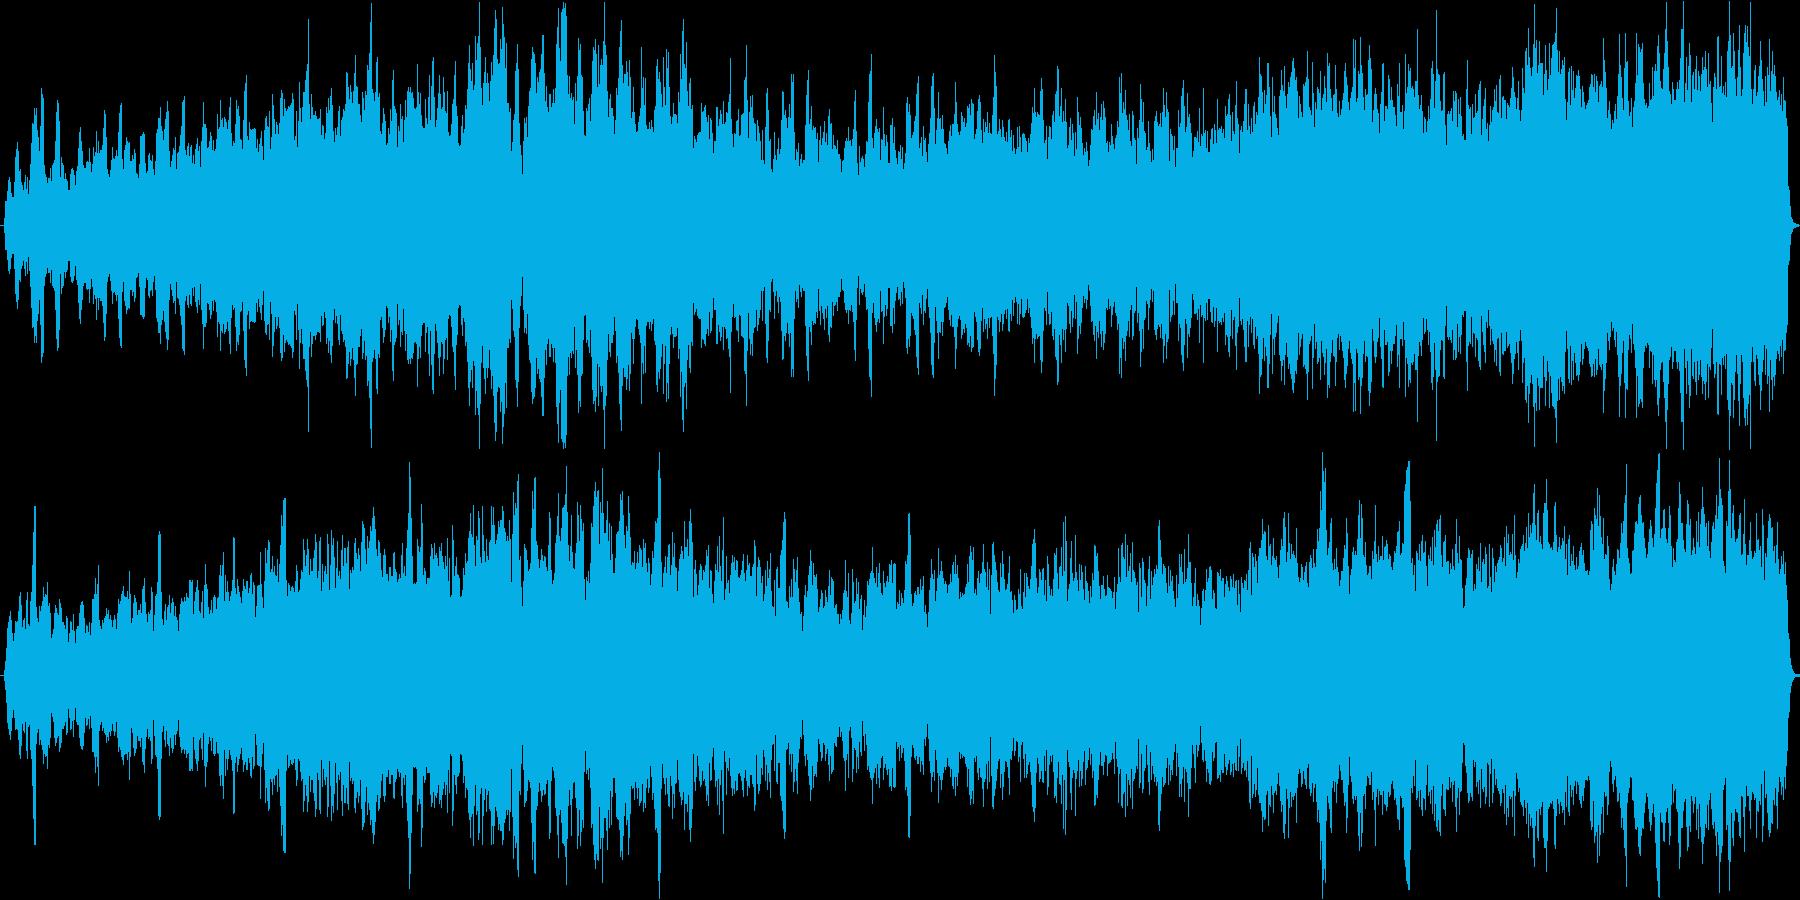 パフェルベルのカノン 弦楽オーケストラの再生済みの波形